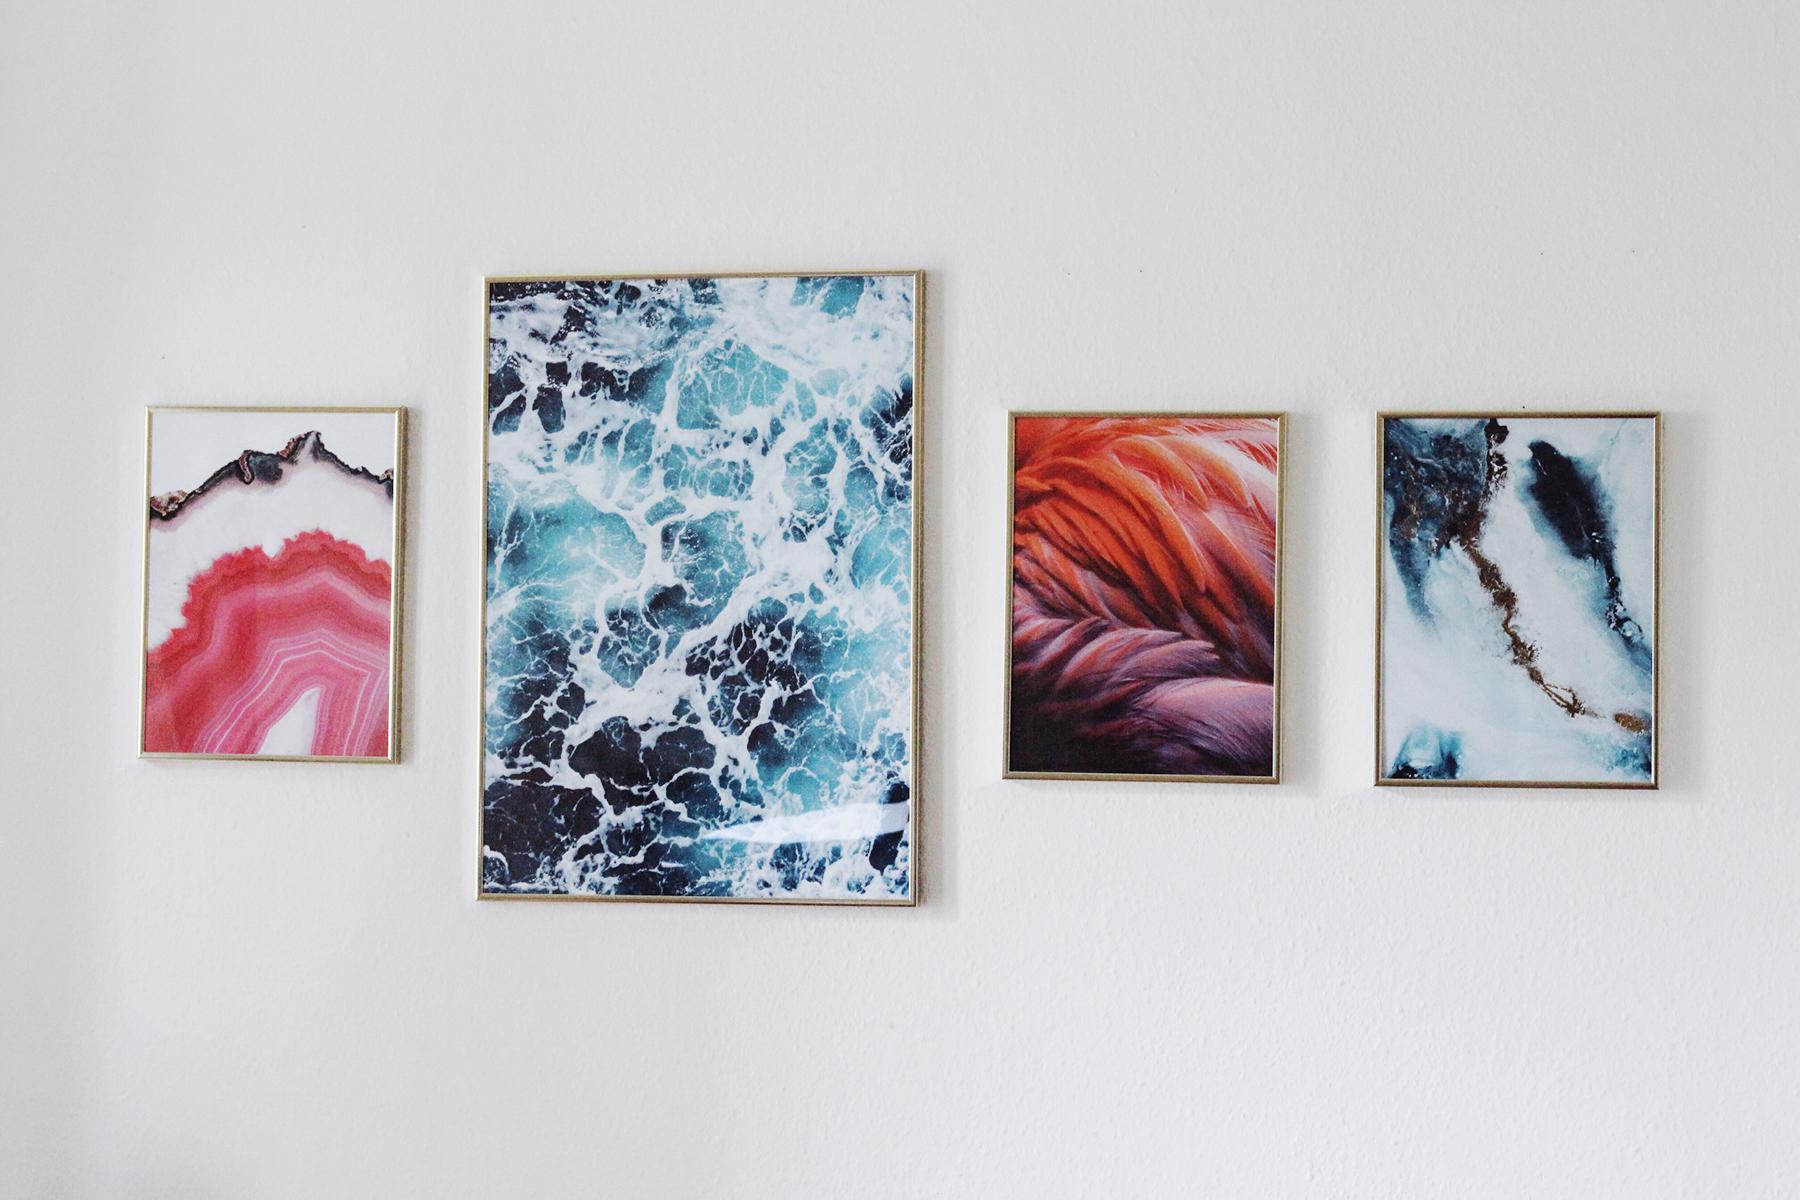 desenio_wallart_interior_einrichtung_gallery_wall_itsgoldie_hamburg_inneneinrichtung